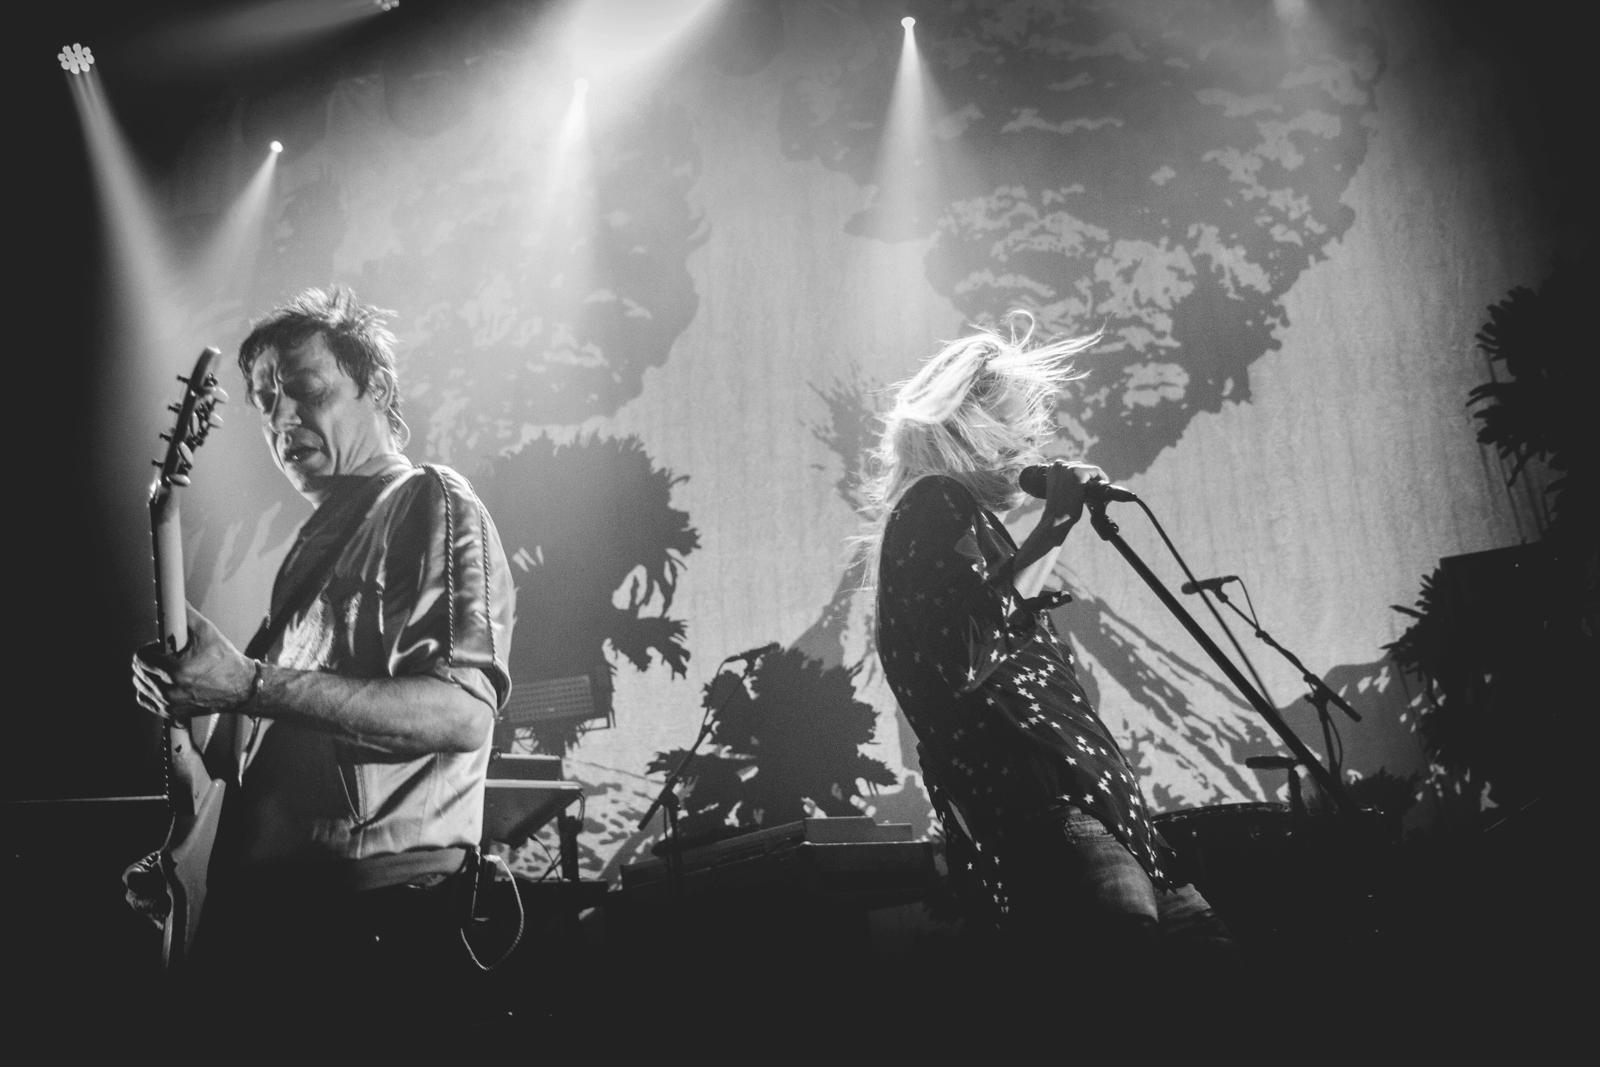 The Kills @ Arenbergschouwburg Antwerpen 2016 (Robin Dua)